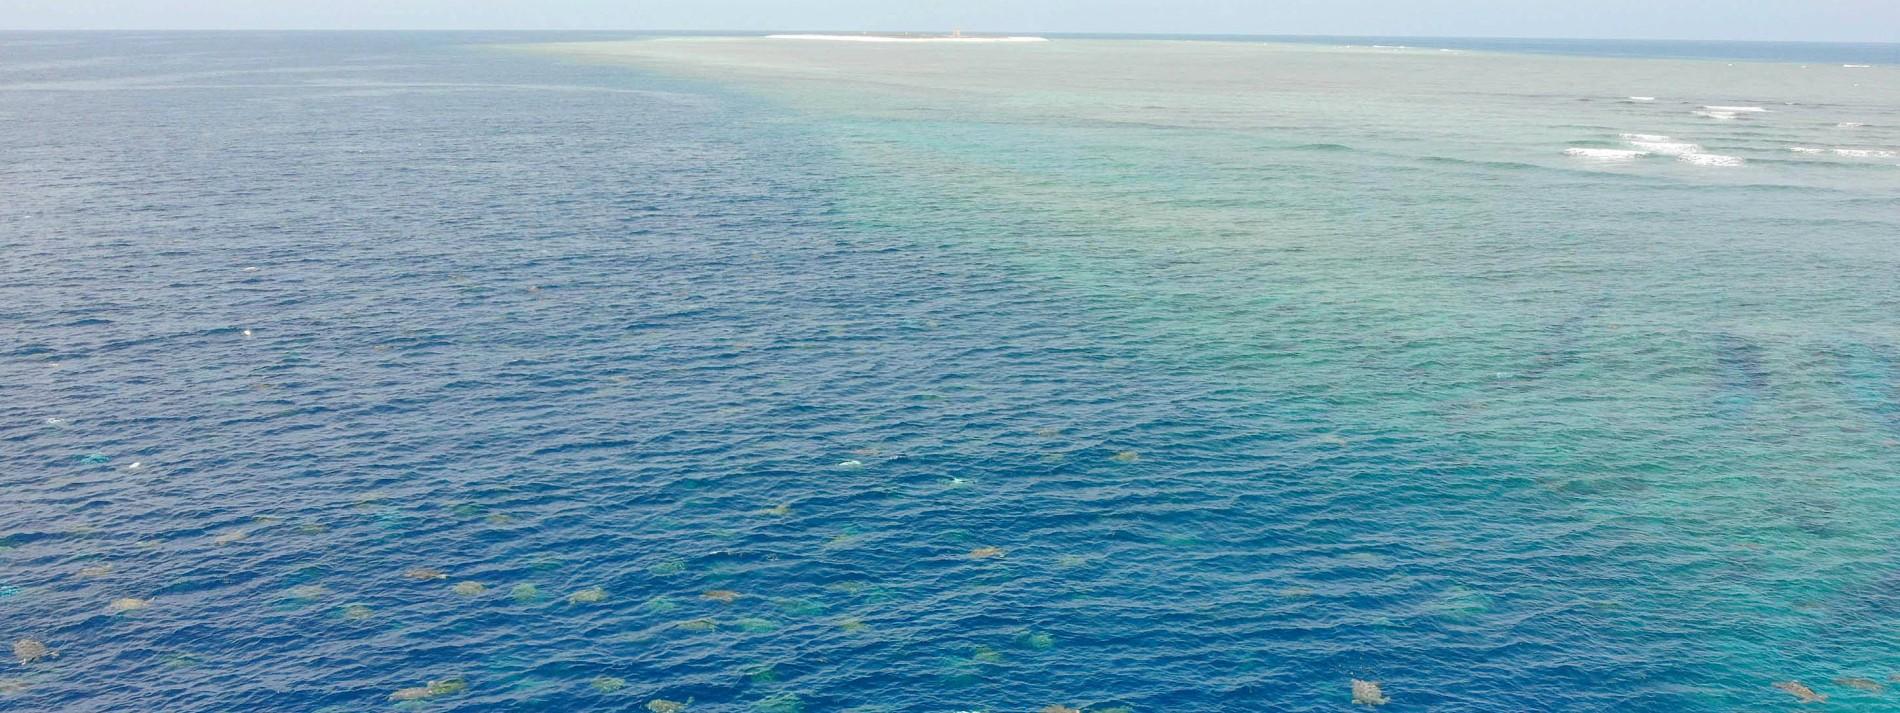 Drohnenbilder zeigen tausende Schildkröten vor Australien